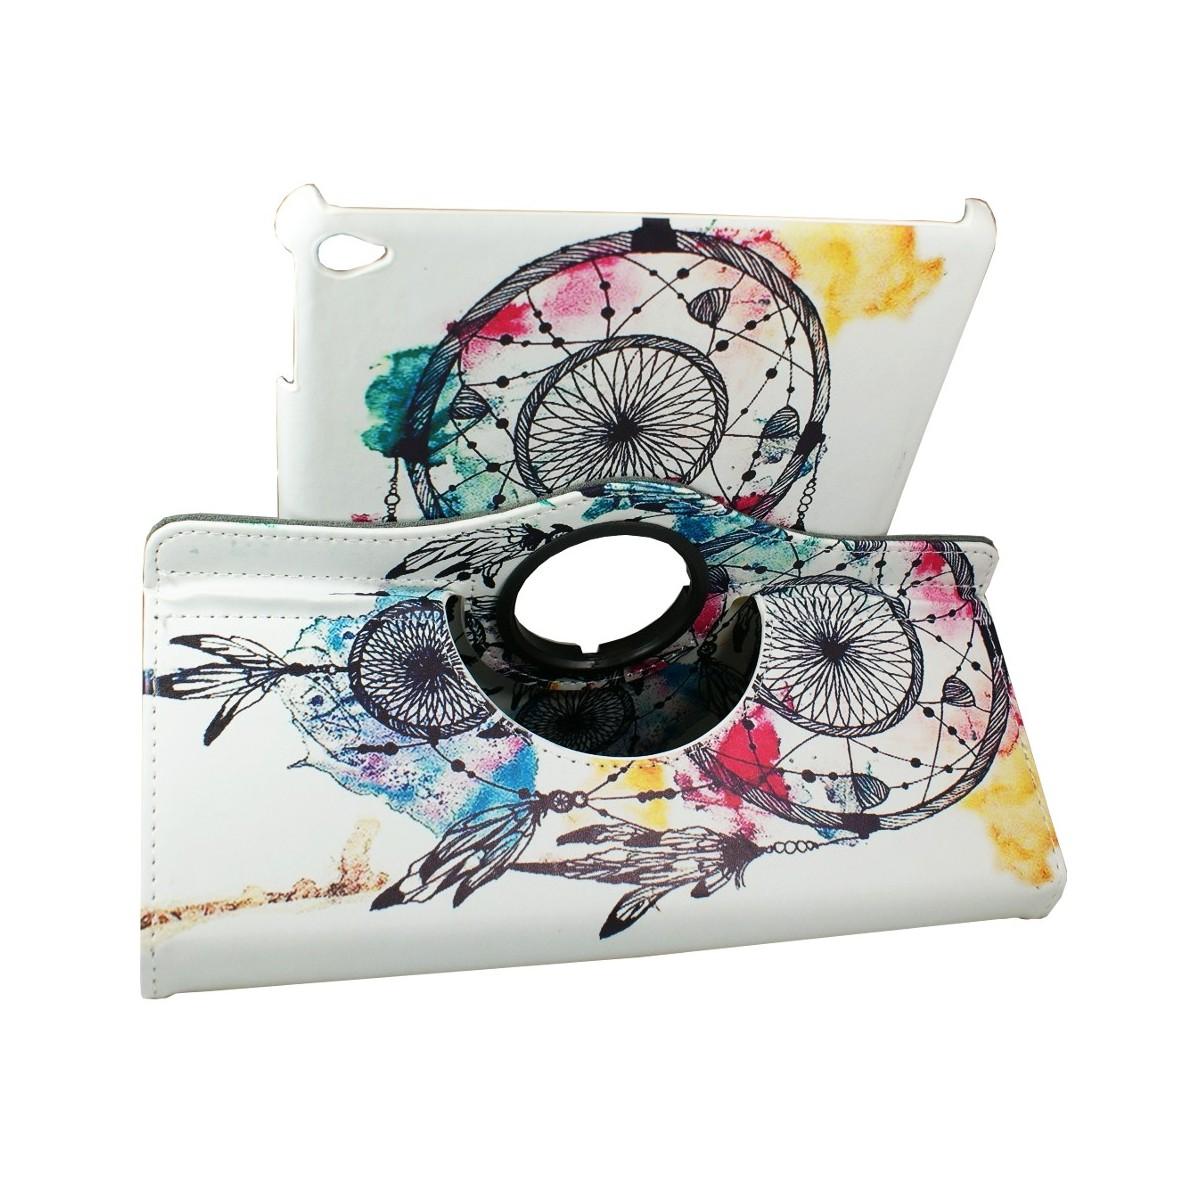 Etui iPad Air 2 Rotatif 360° motif Attrape Rêves - Crazy Kase